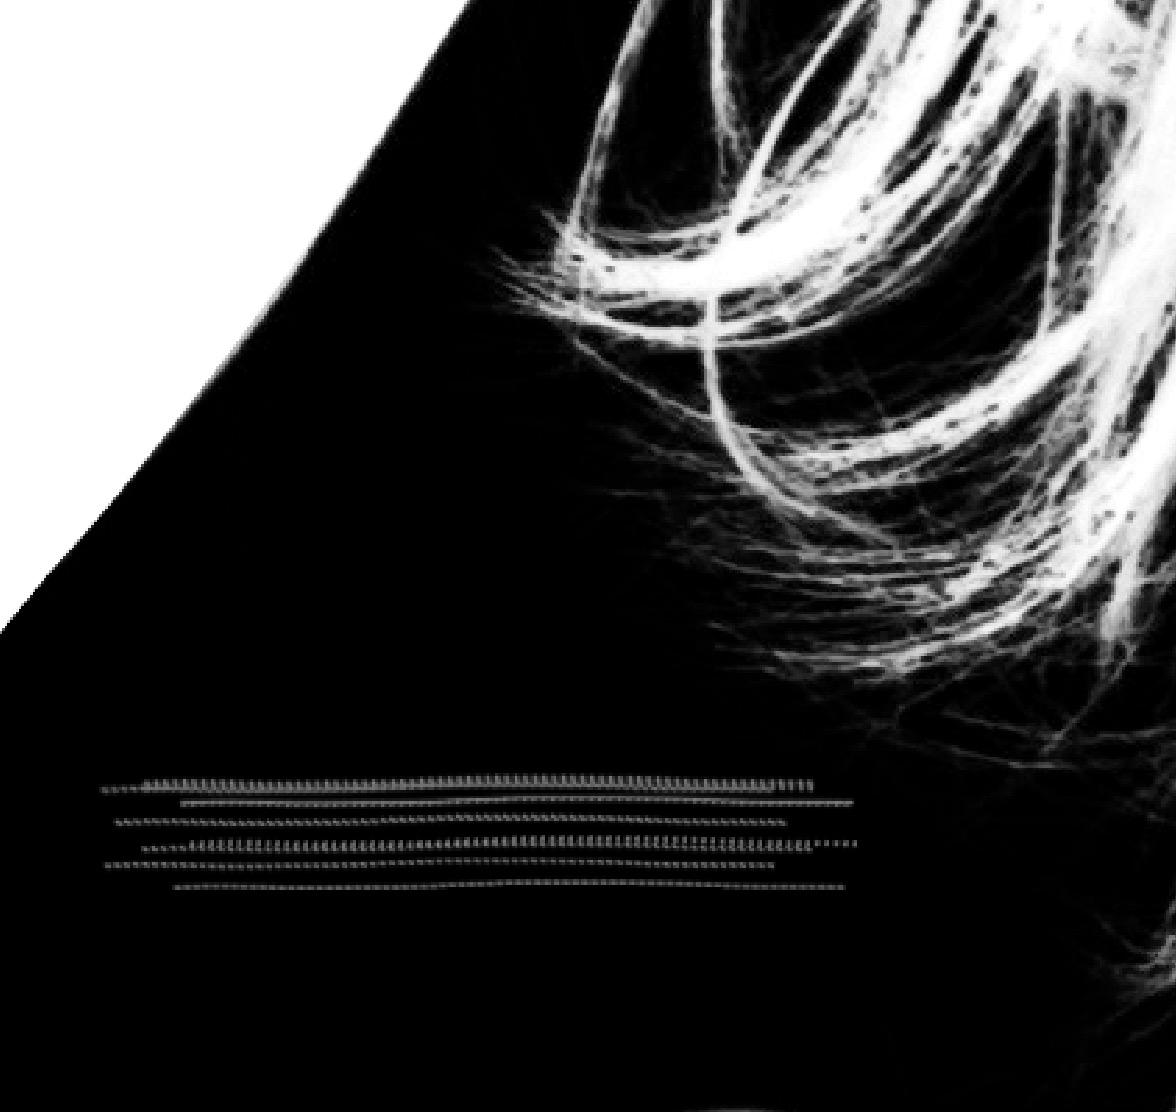 髪の毛ブラシ線